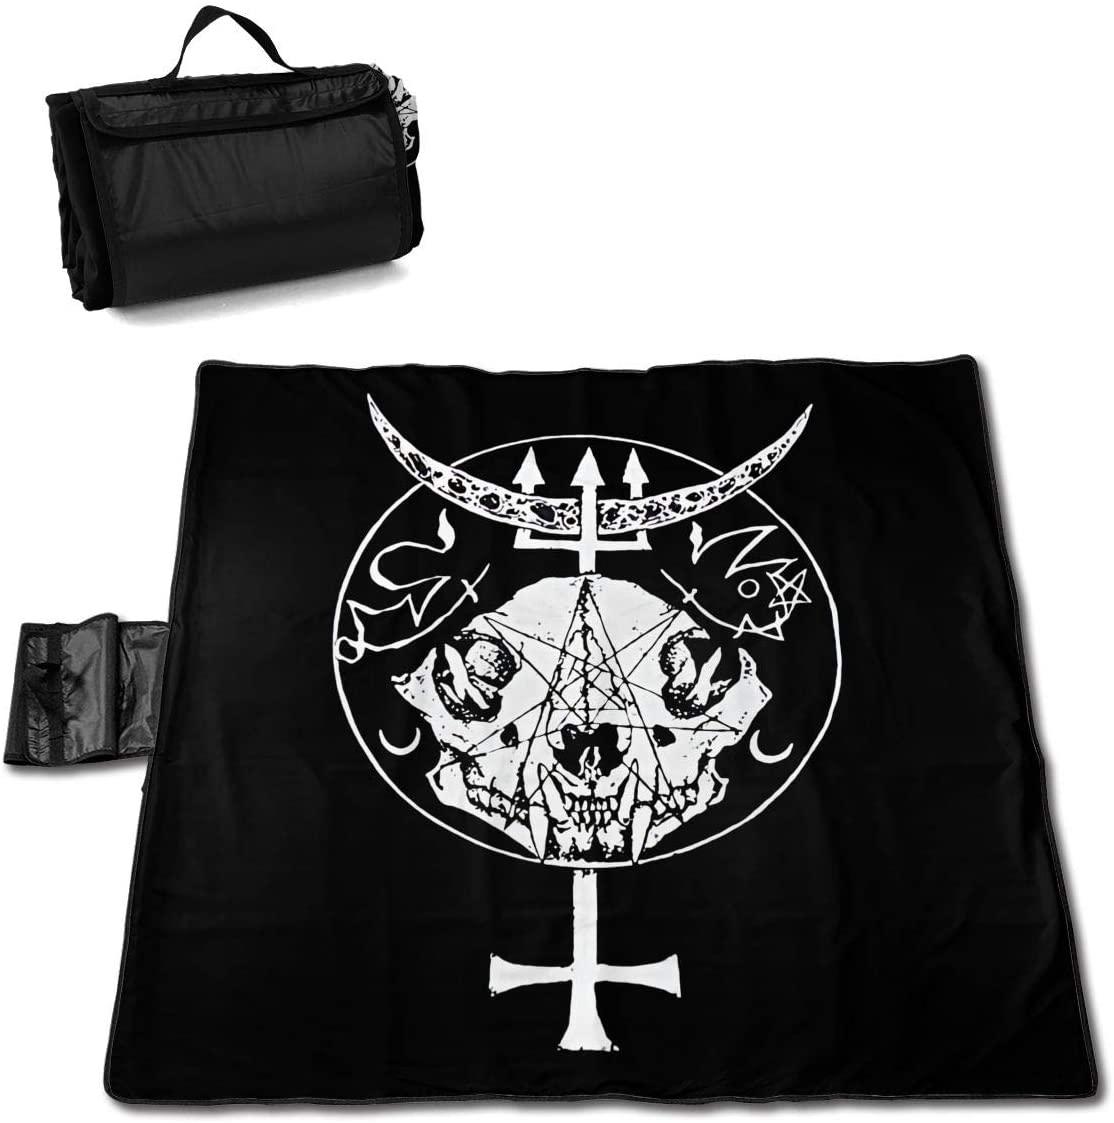 Htu Skull Inverted Cross Portable Printed Picnic Blanket Waterproof 59x57(in)